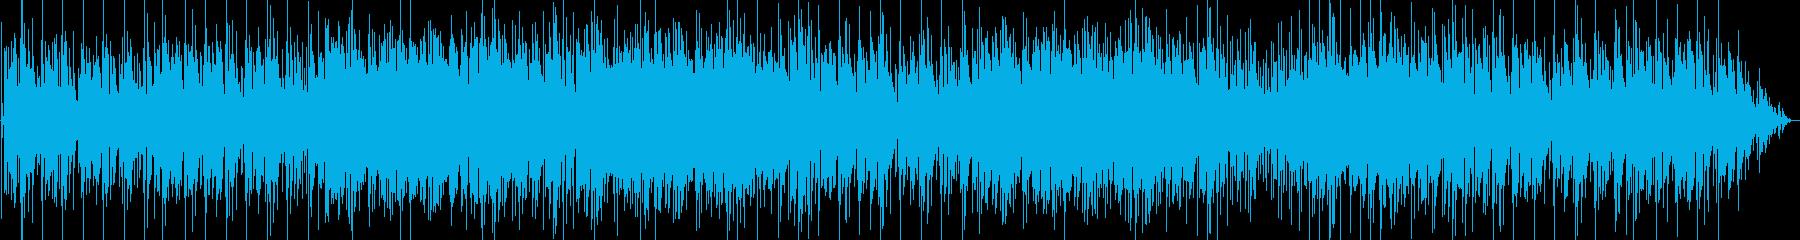 軽快なインスト曲、メロディはピアノ音の再生済みの波形